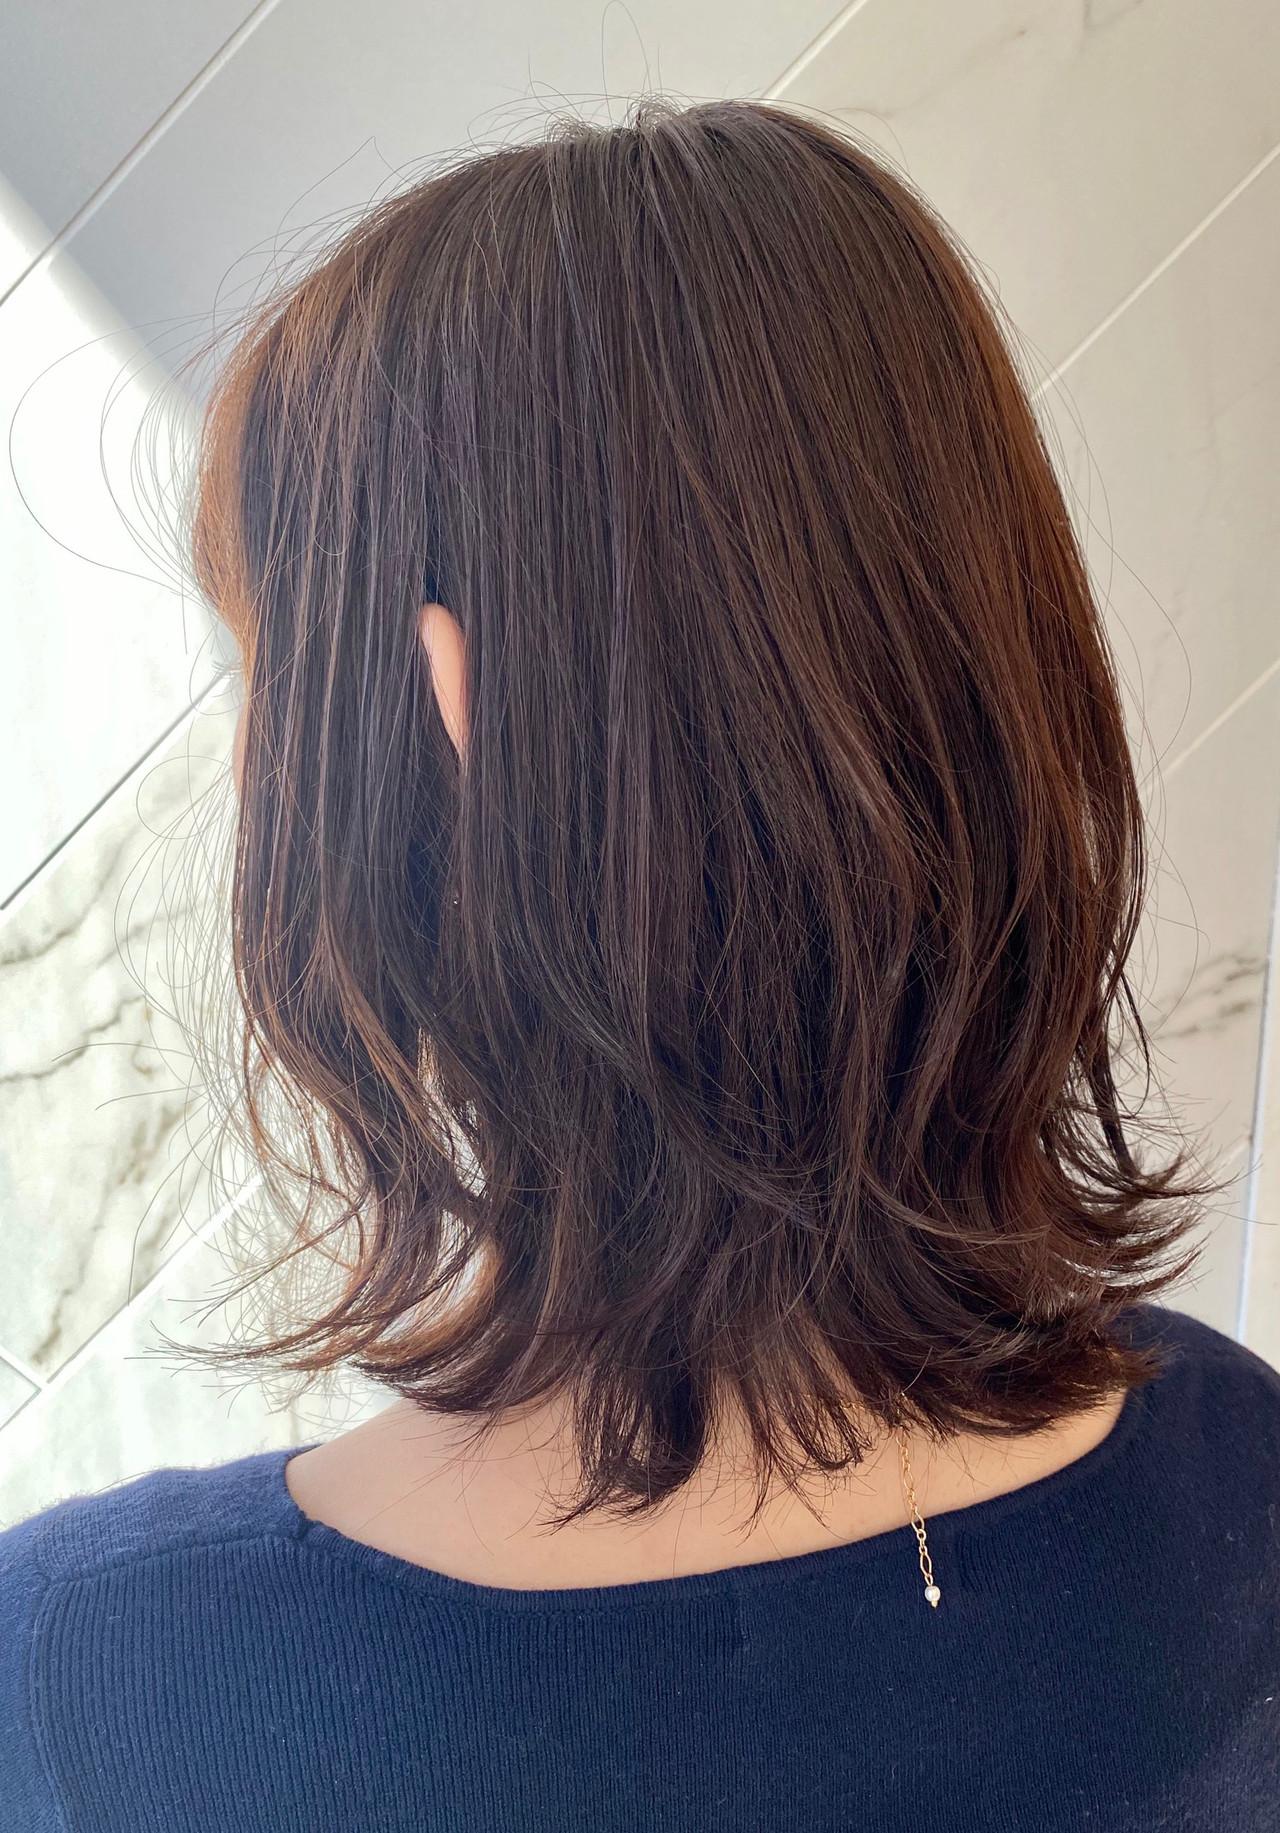 レイヤーボブ 大人可愛い ナチュラル 銀座美容室ヘアスタイルや髪型の写真・画像